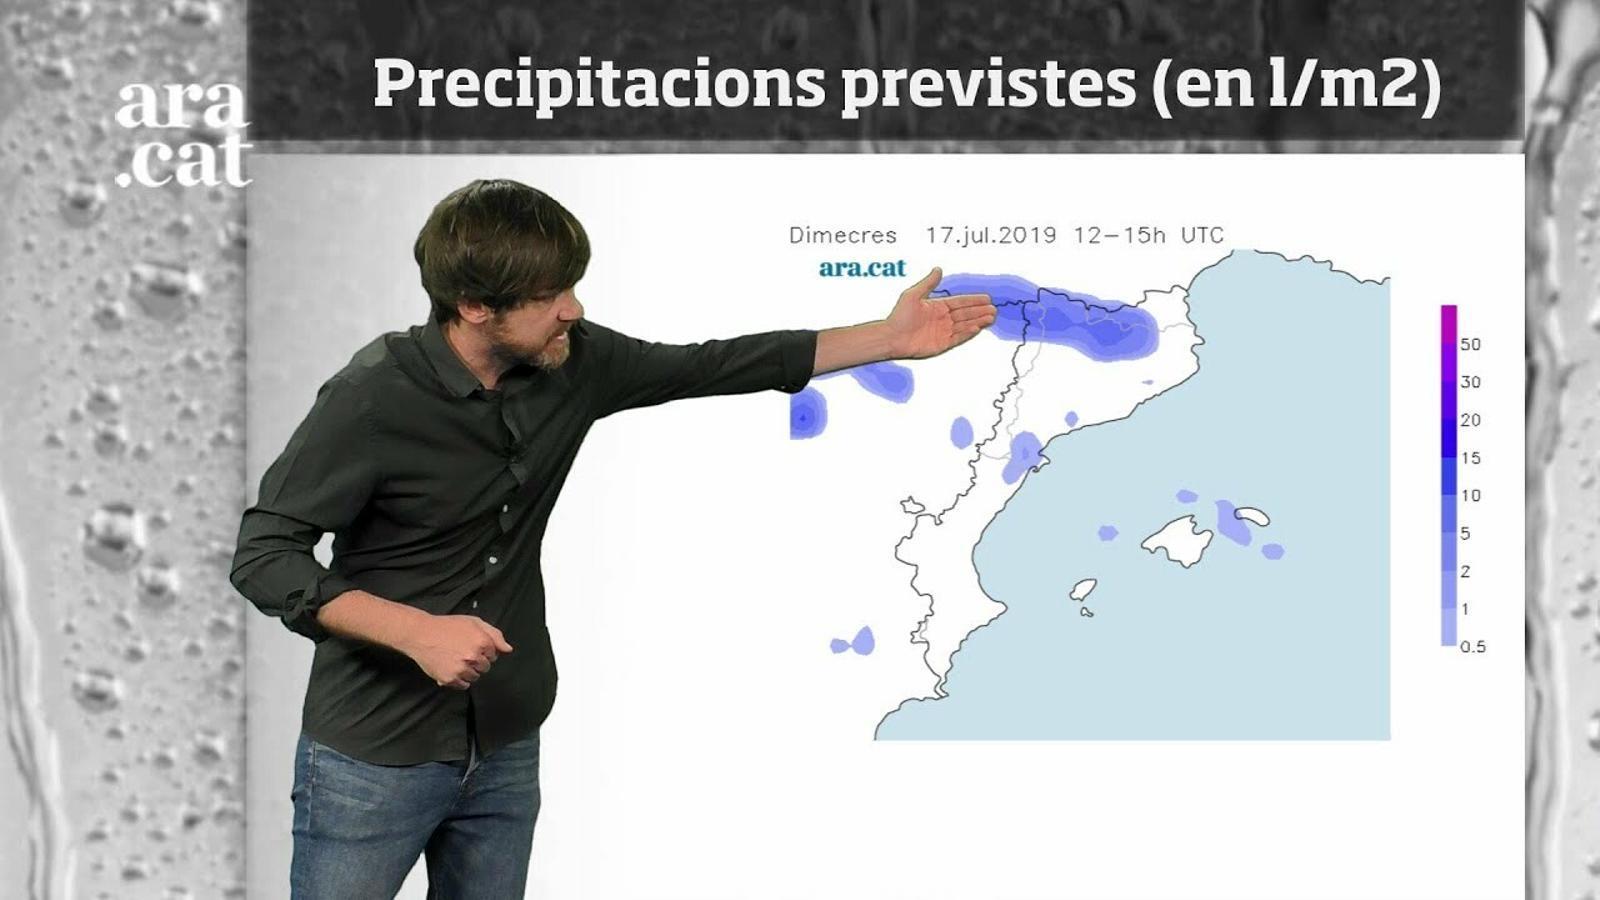 La méteo en 1 minut: dimecres amb xàfecs sobtats i tempestes